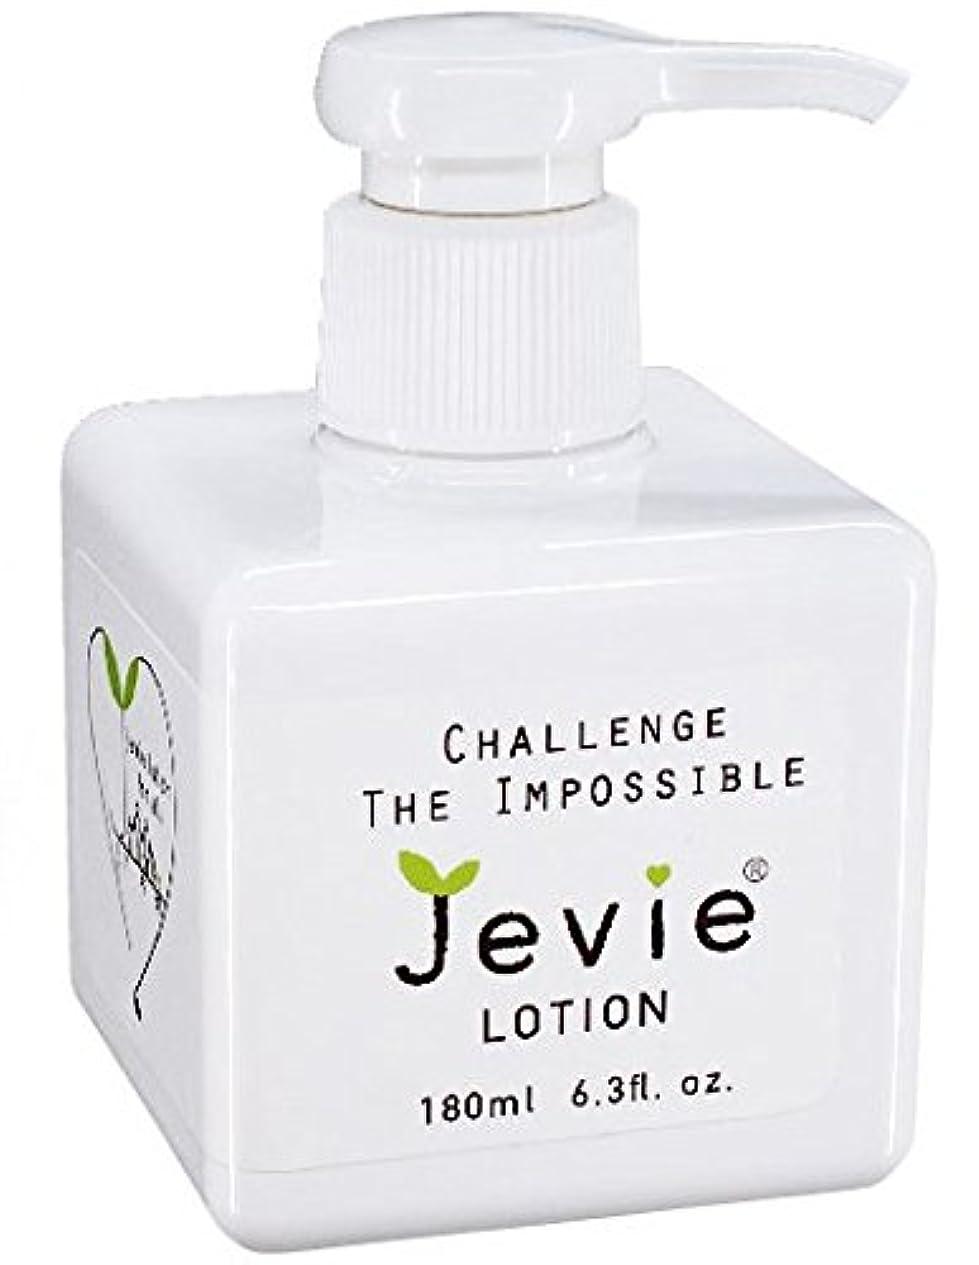 マイク変数電池ジェヴィローション(Jevie Lotion)